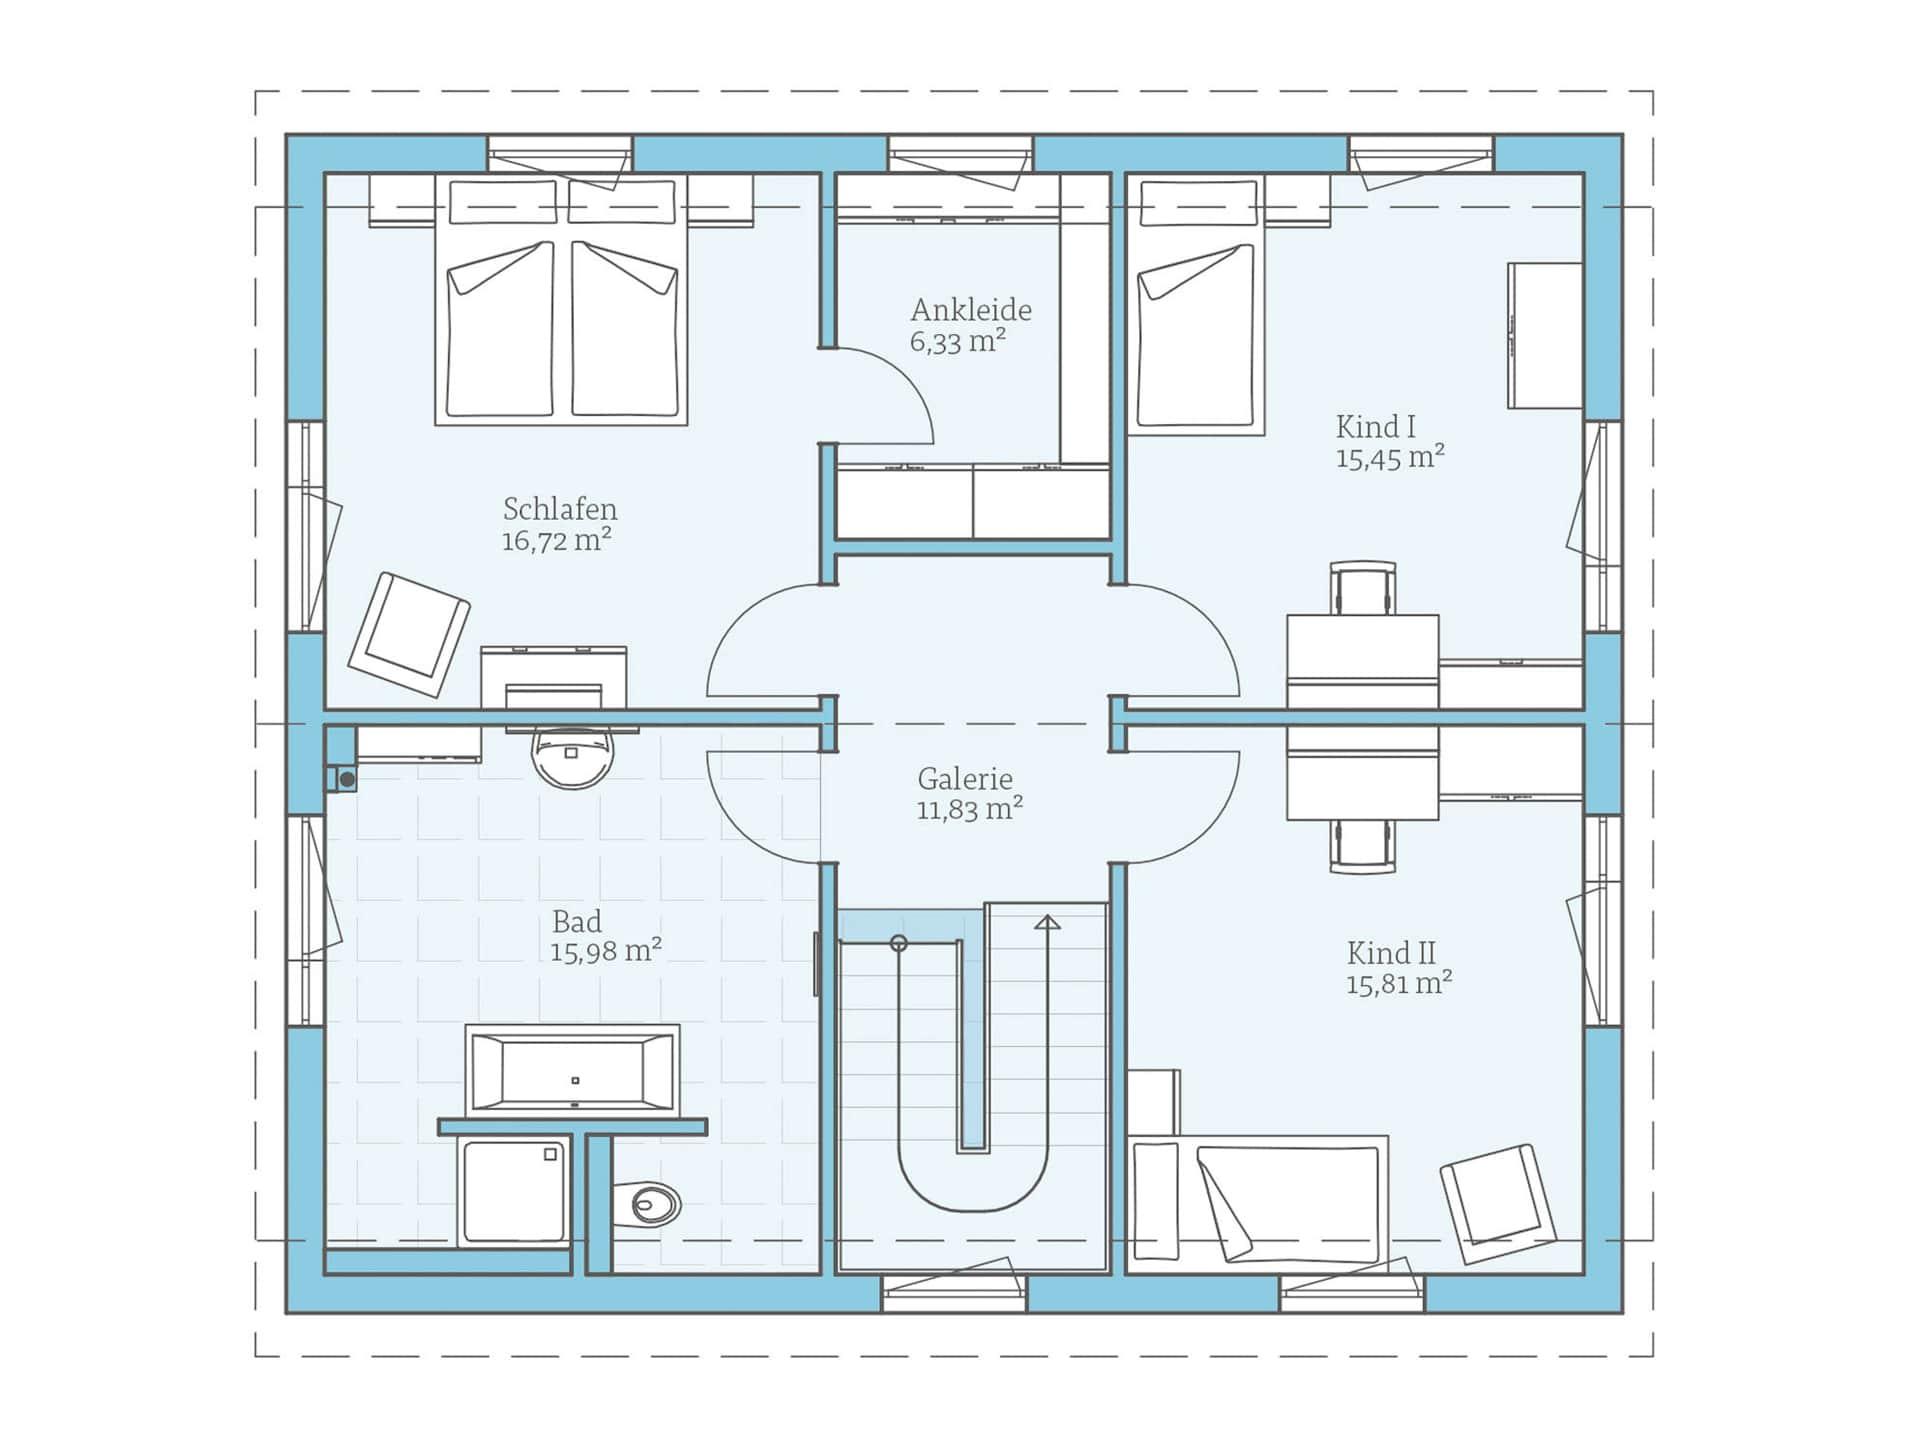 Ankleidezimmer planen | Hilfreiche Anregungen & Ideen